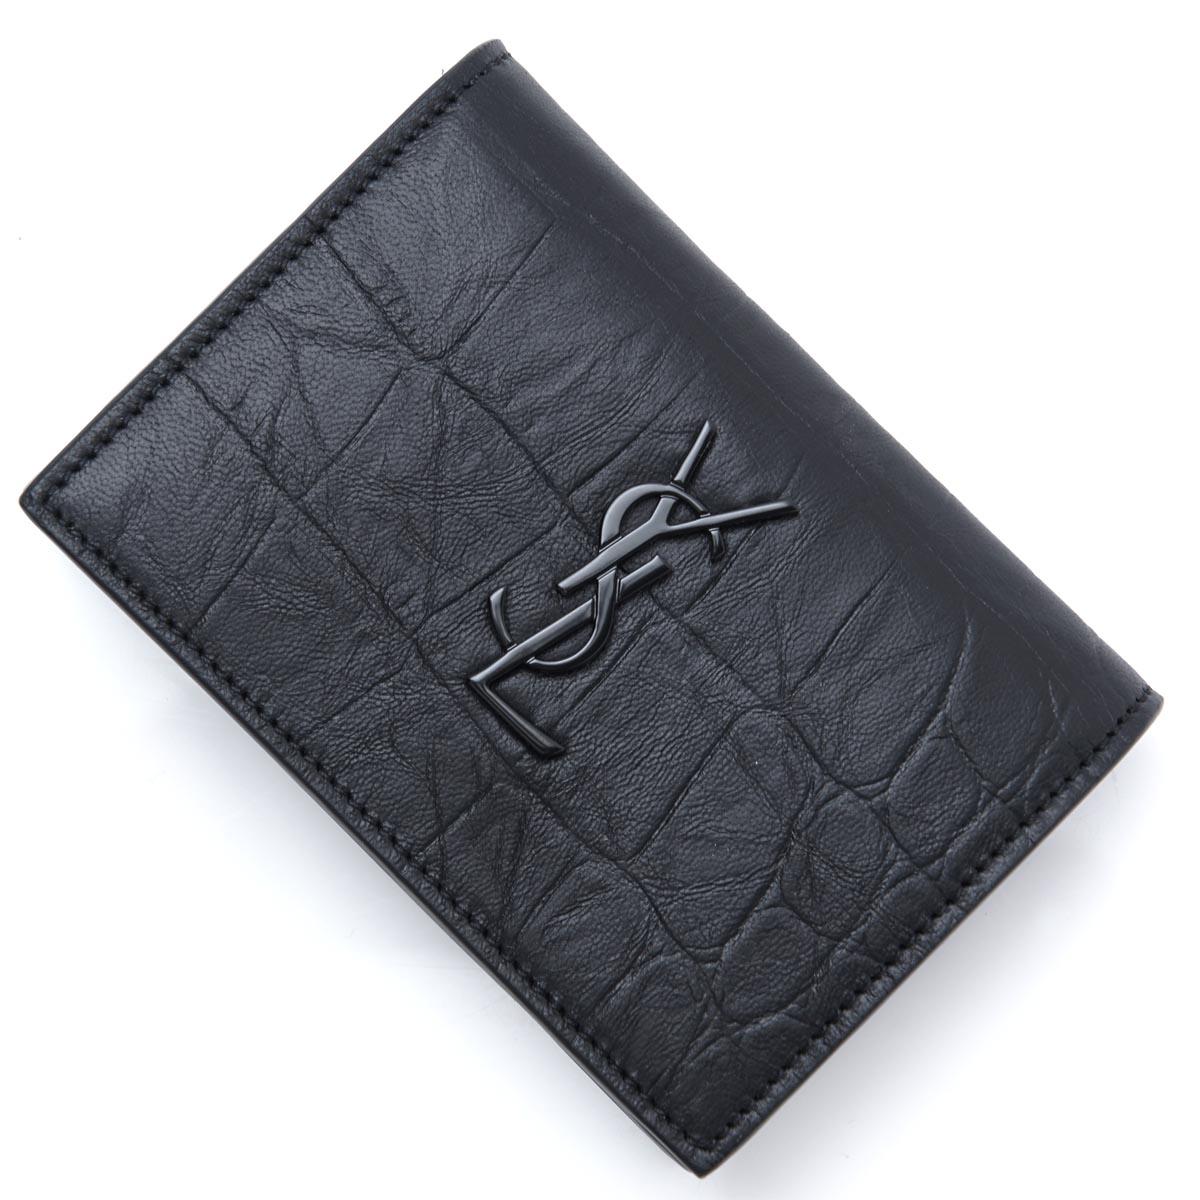 サンローランパリ SAINT LAURENT PARIS カードケース 名刺入れ ブラック メンズ ギフト プレゼント 529887 c9h0u 1000【ラッピング無料】【返品送料無料】【180809】【あす楽対応_関東】